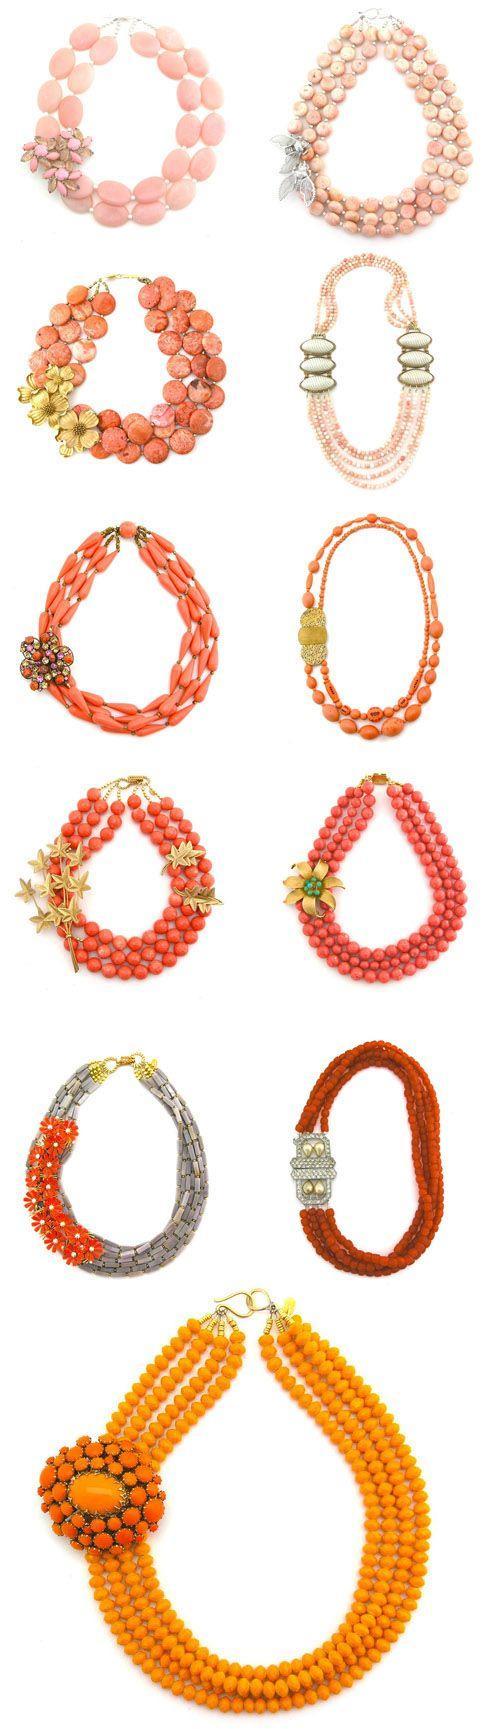 Hochzeit - Elva Fields Spring 2012 Vintage Necklace Collection